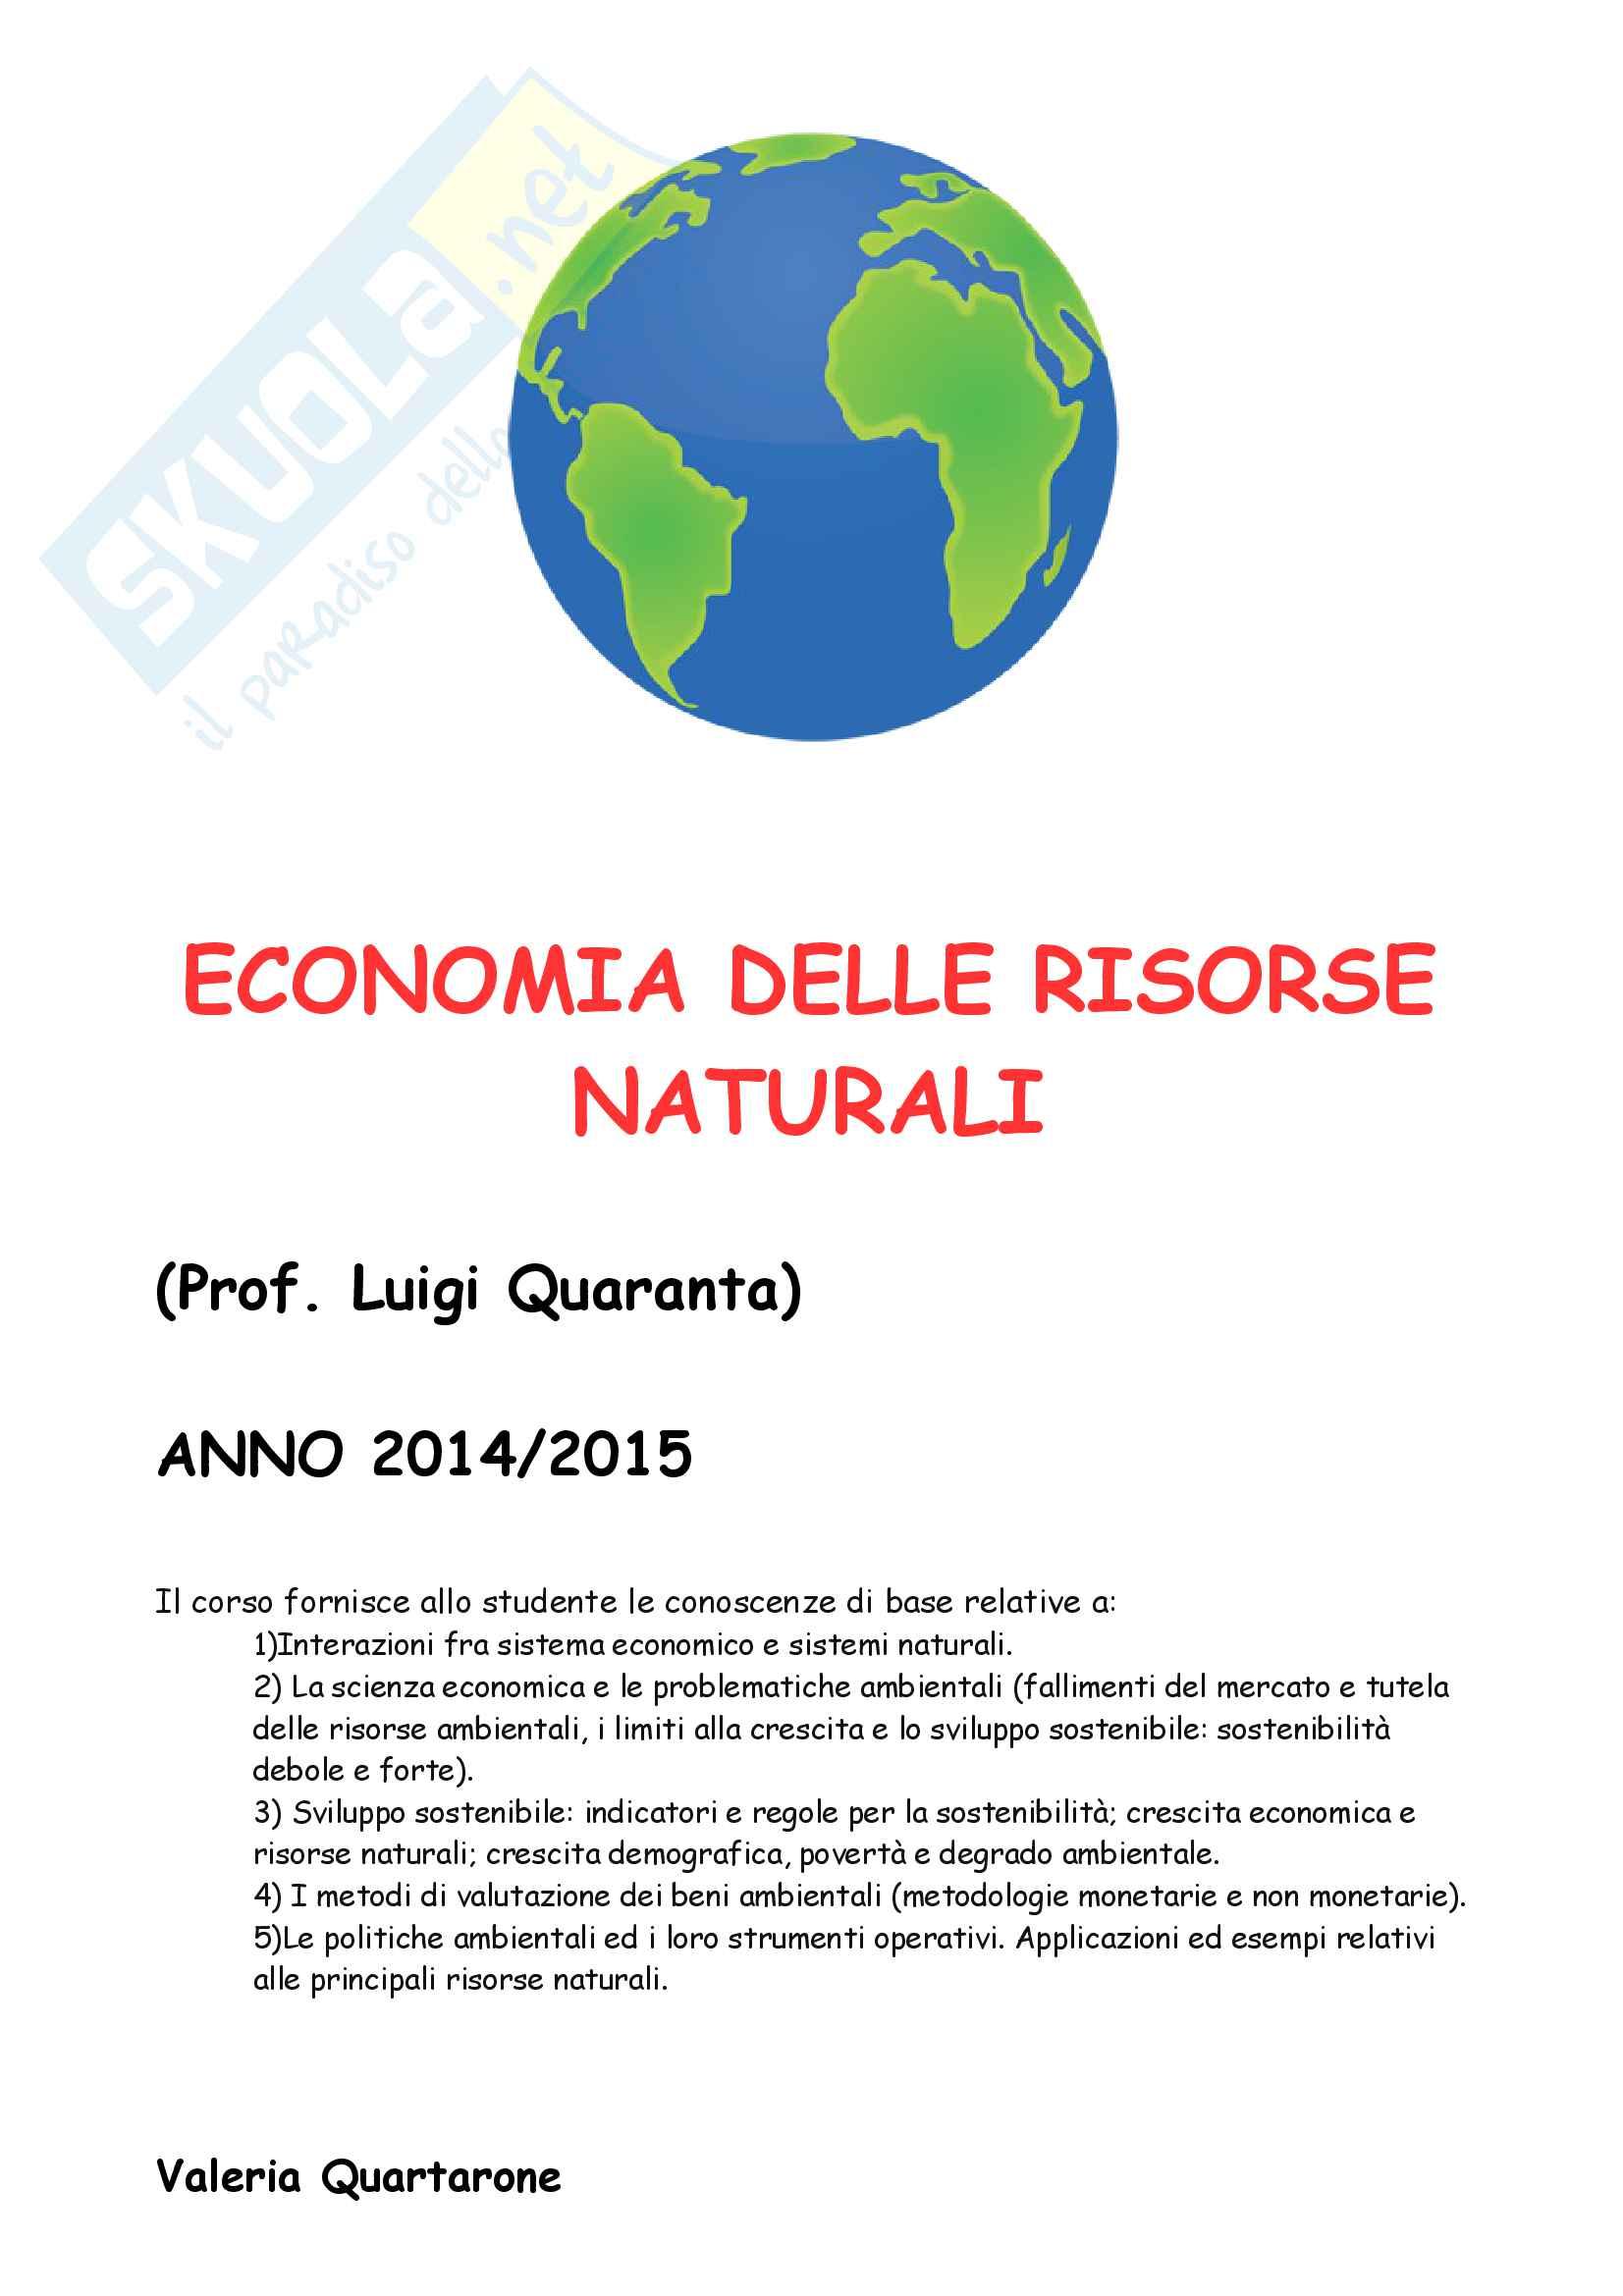 Economia delle risorse naturali, Prof. Quaranta